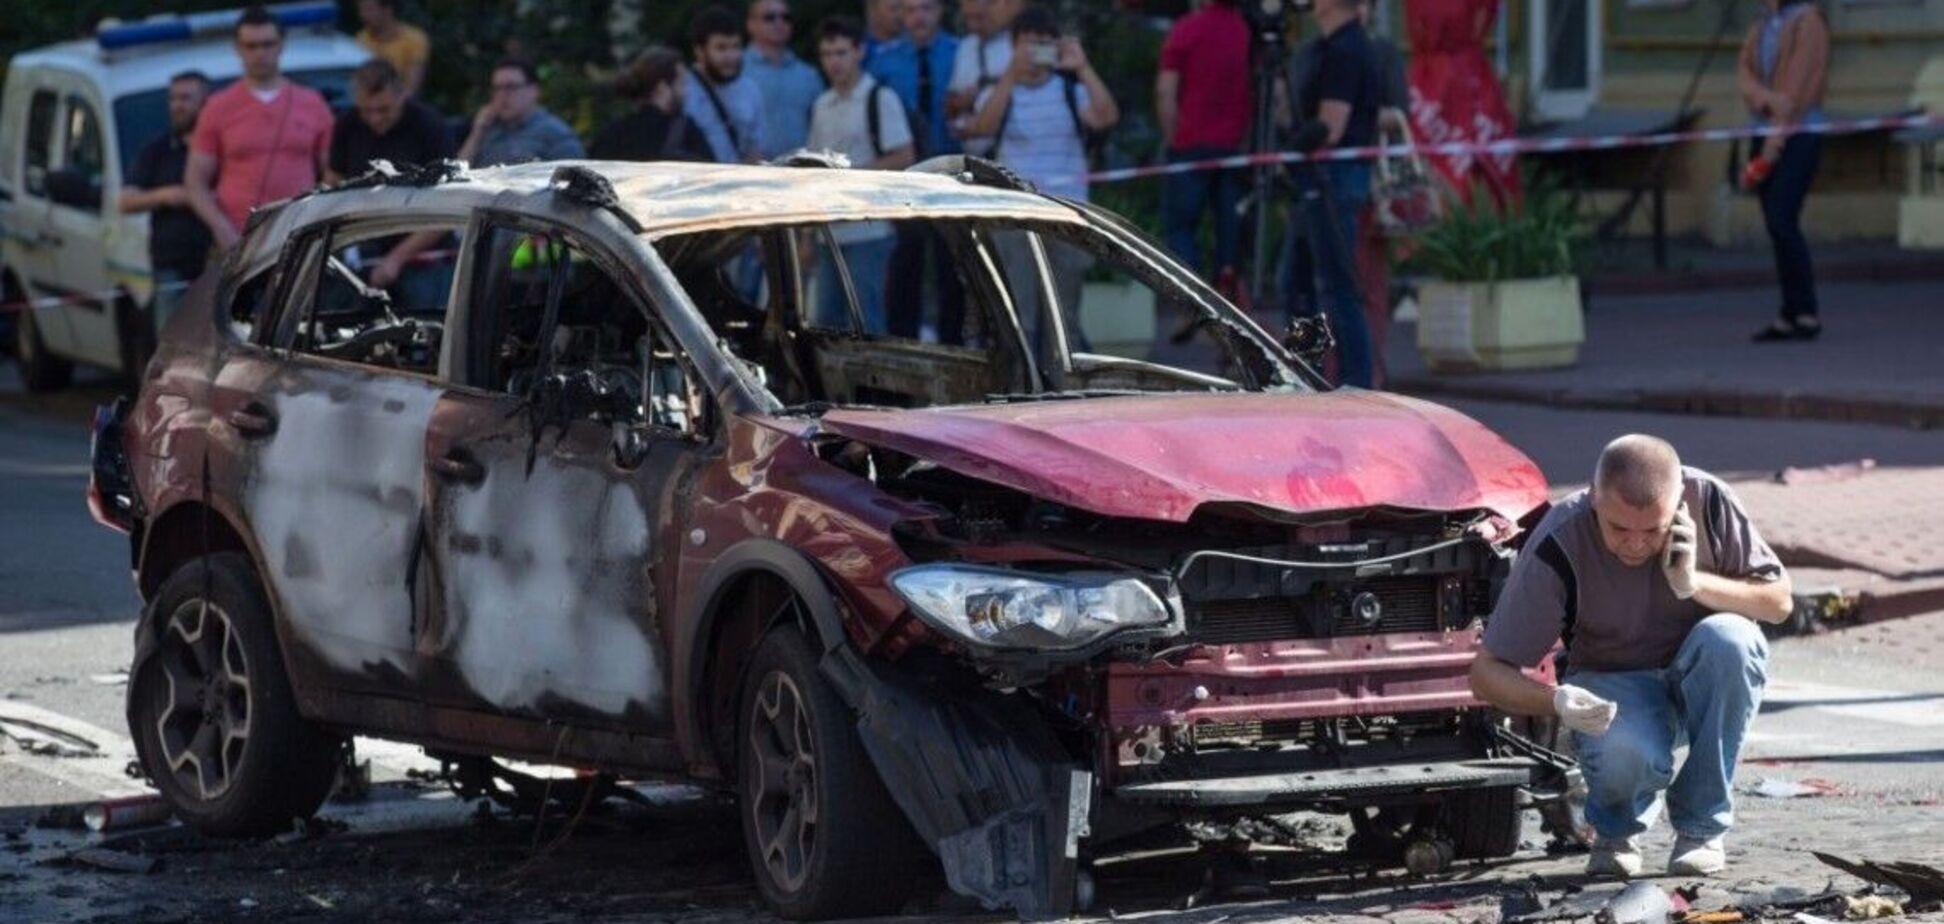 Аваков відповів на питання про нестиковки в розслідуванні вбивства Шеремета